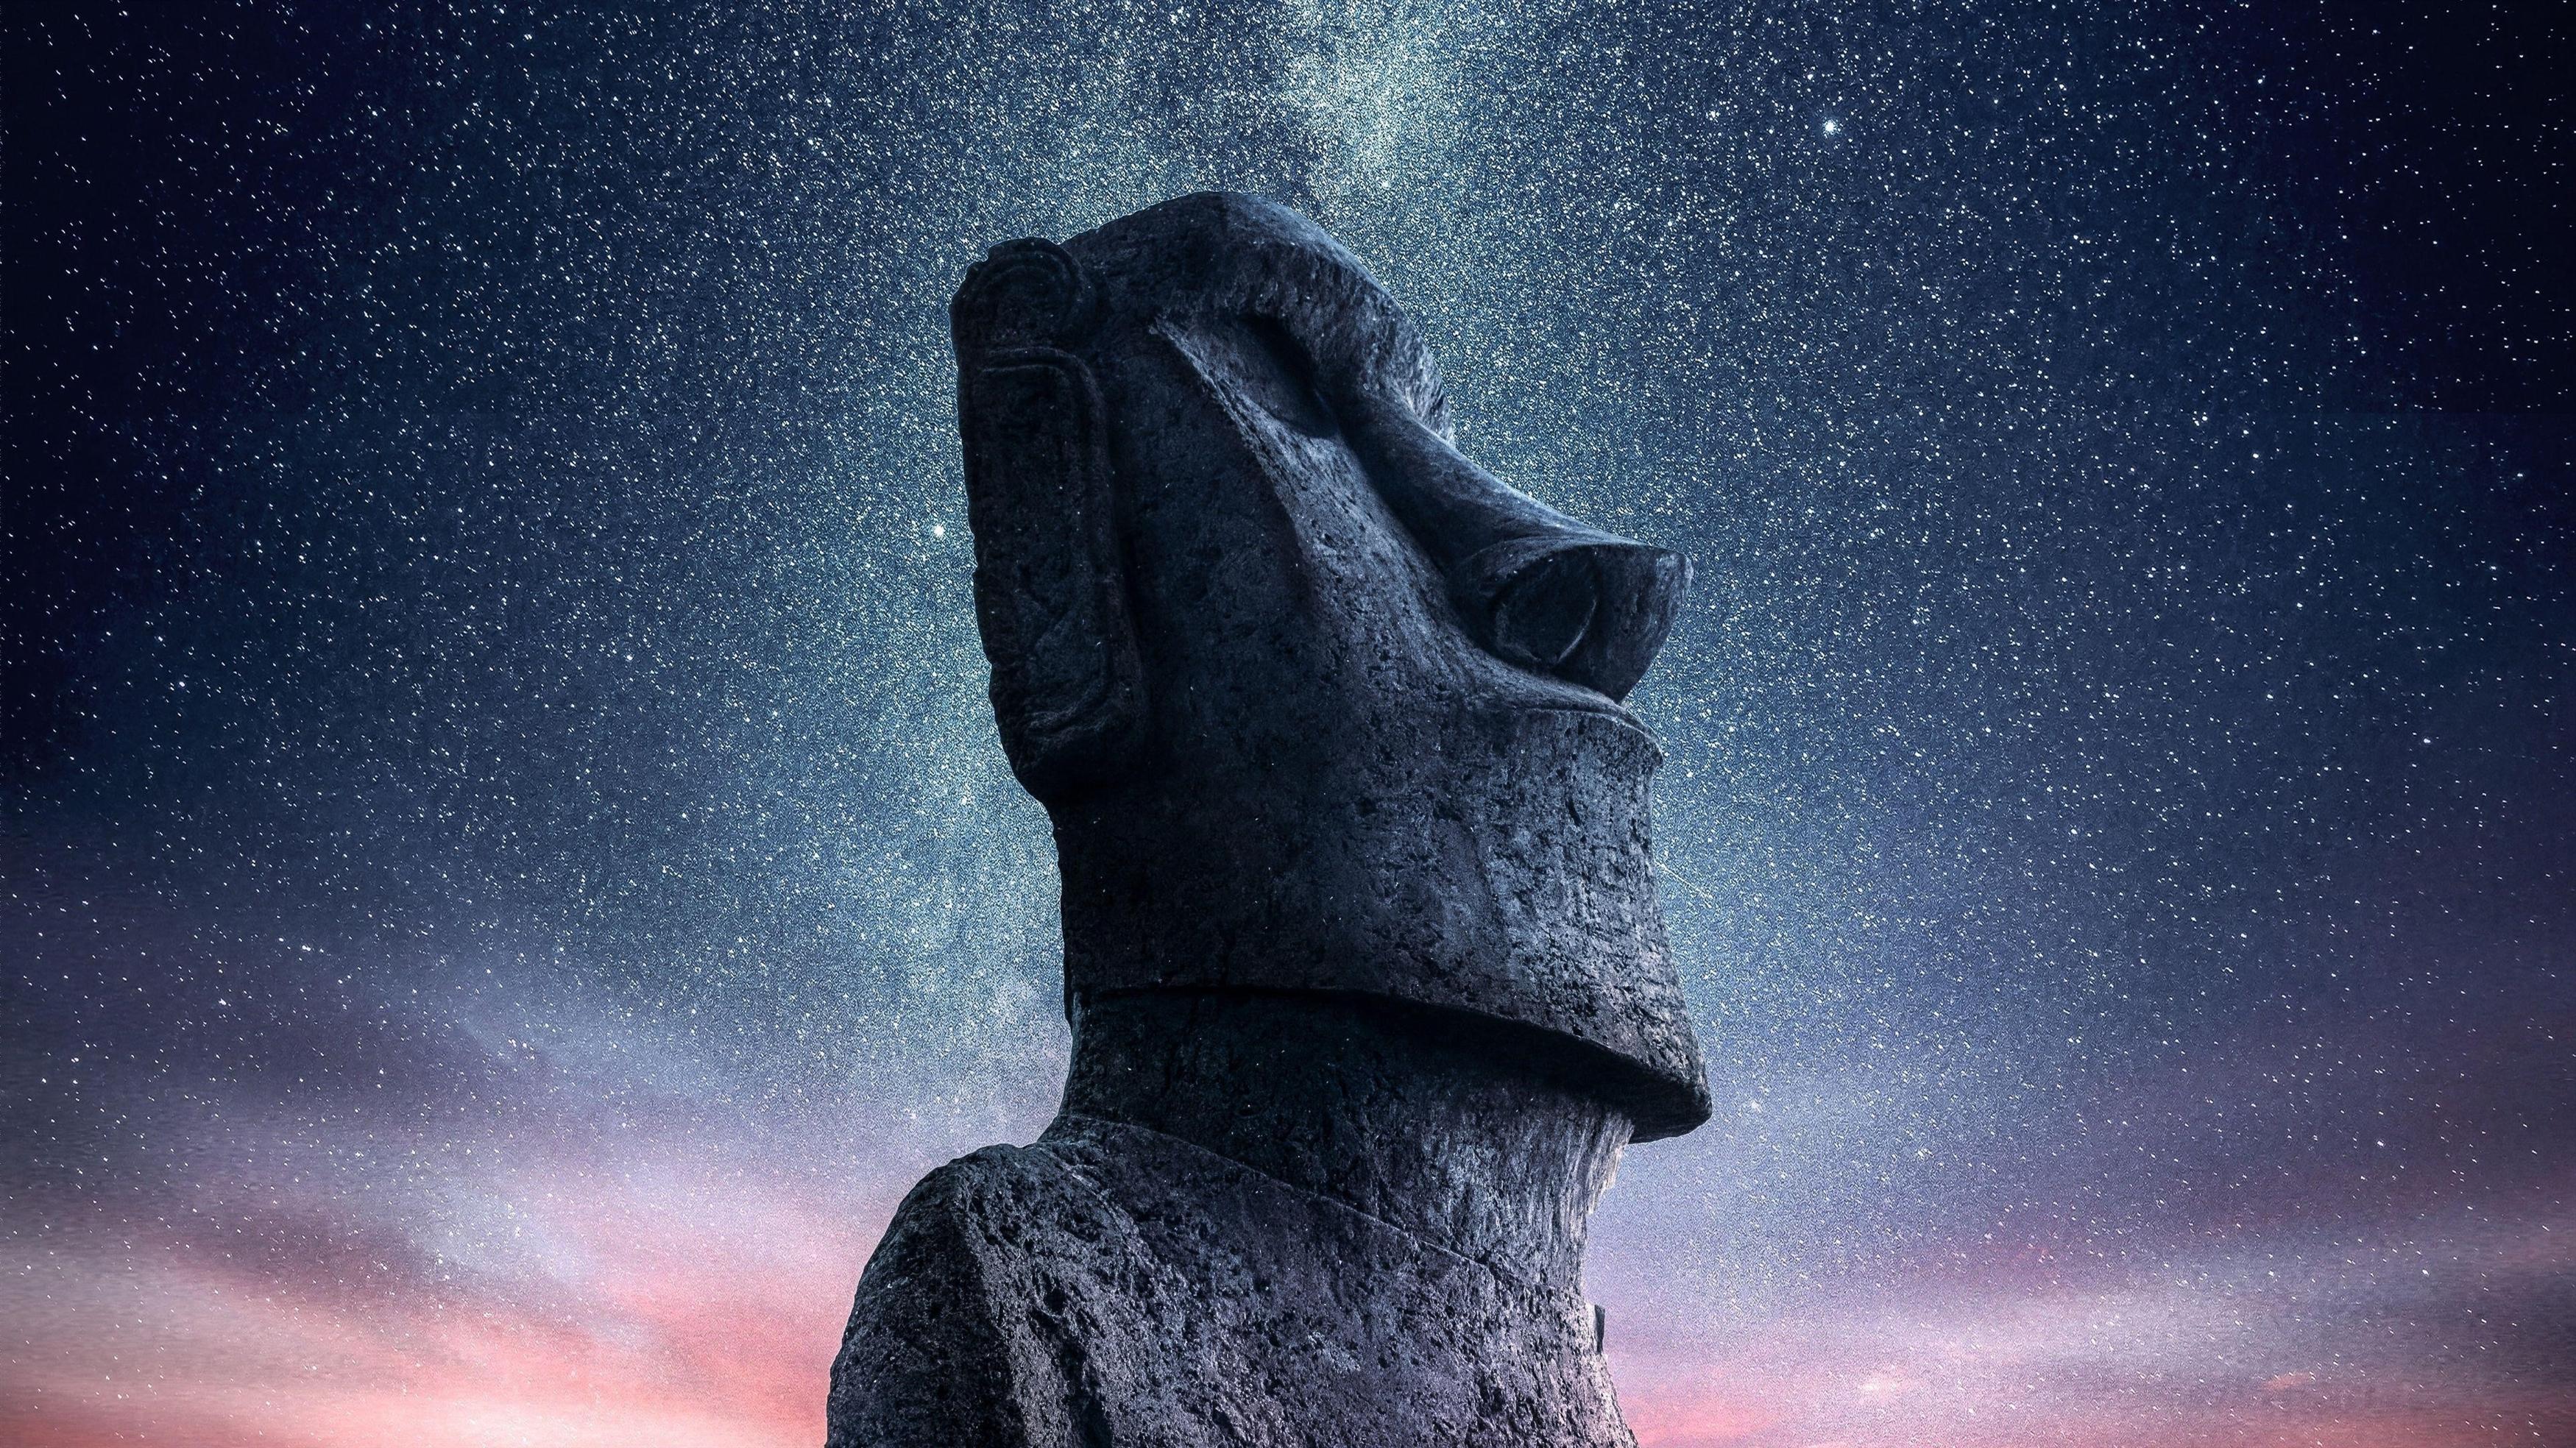 Моаи статуя идола остров Пасхи звездное небо обои скачать